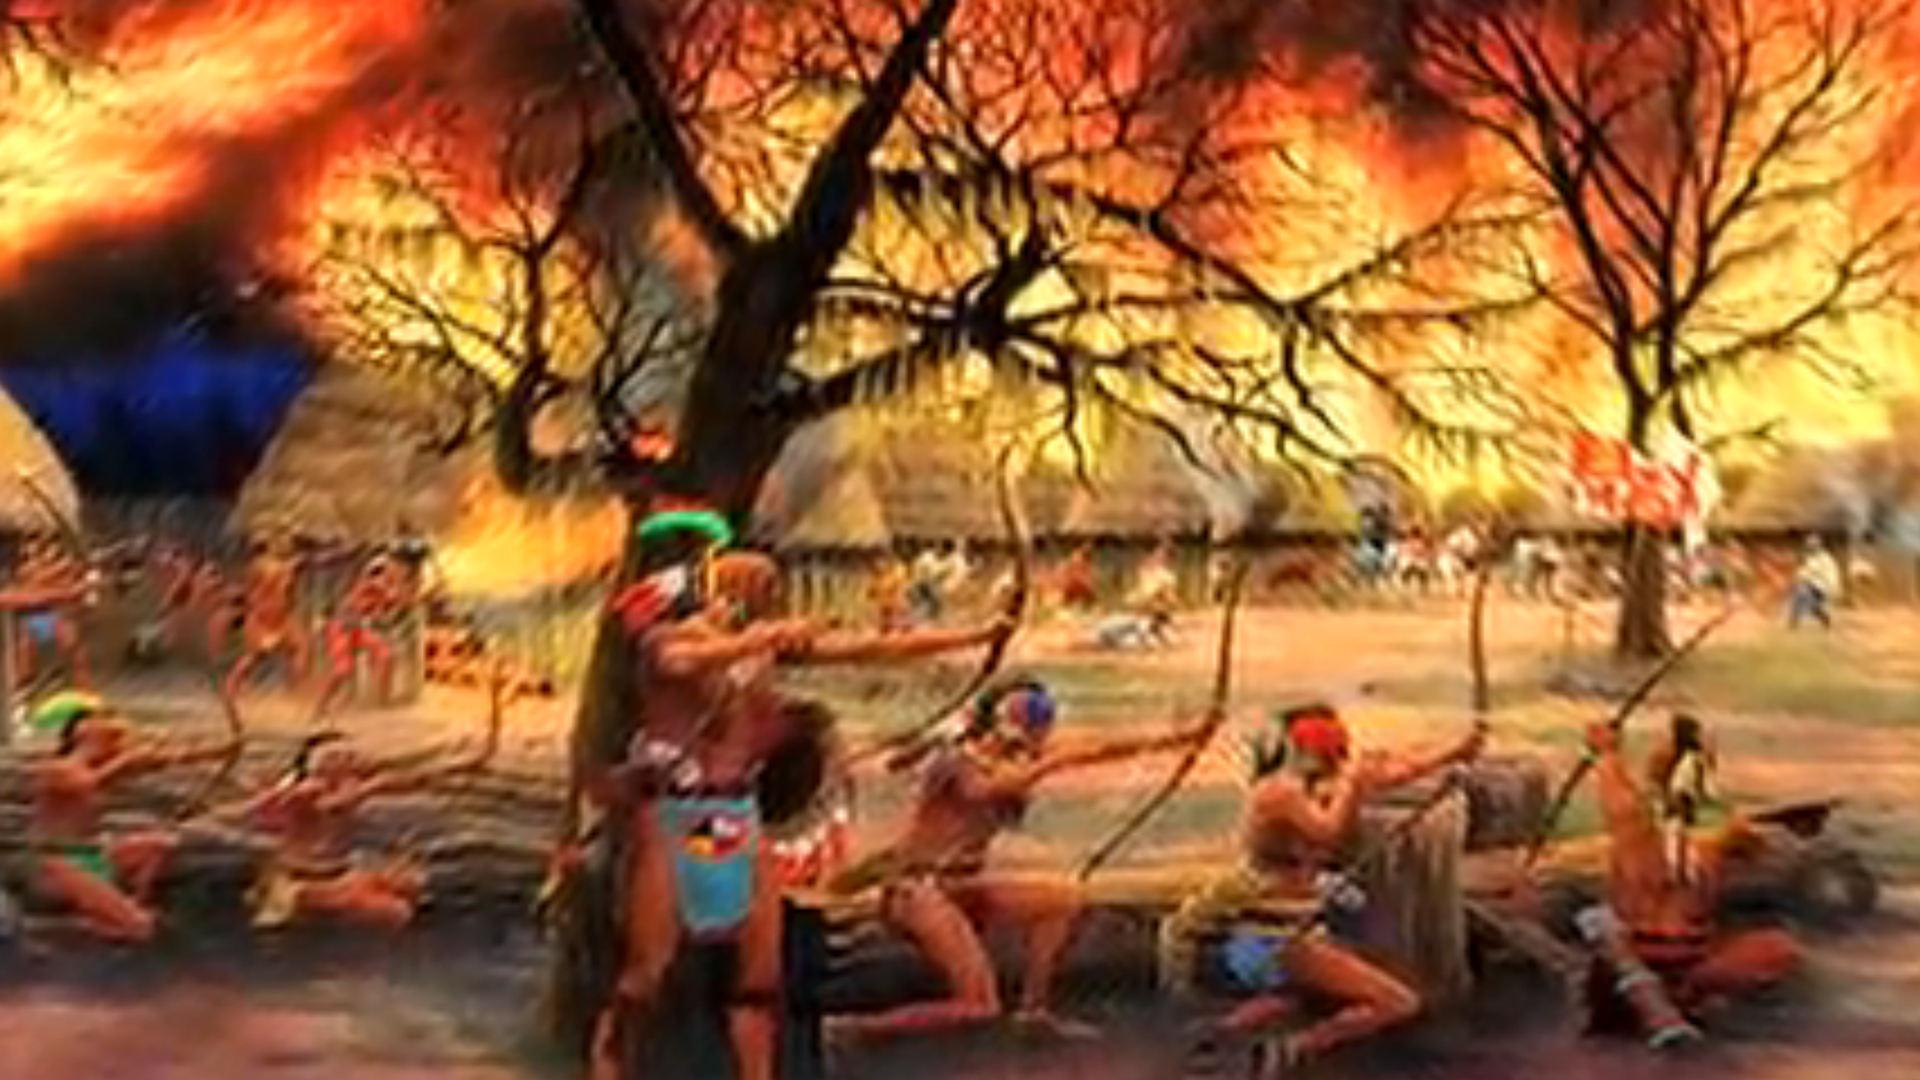 Chokkilissa A Place Where Chickasaws Can Dance Again